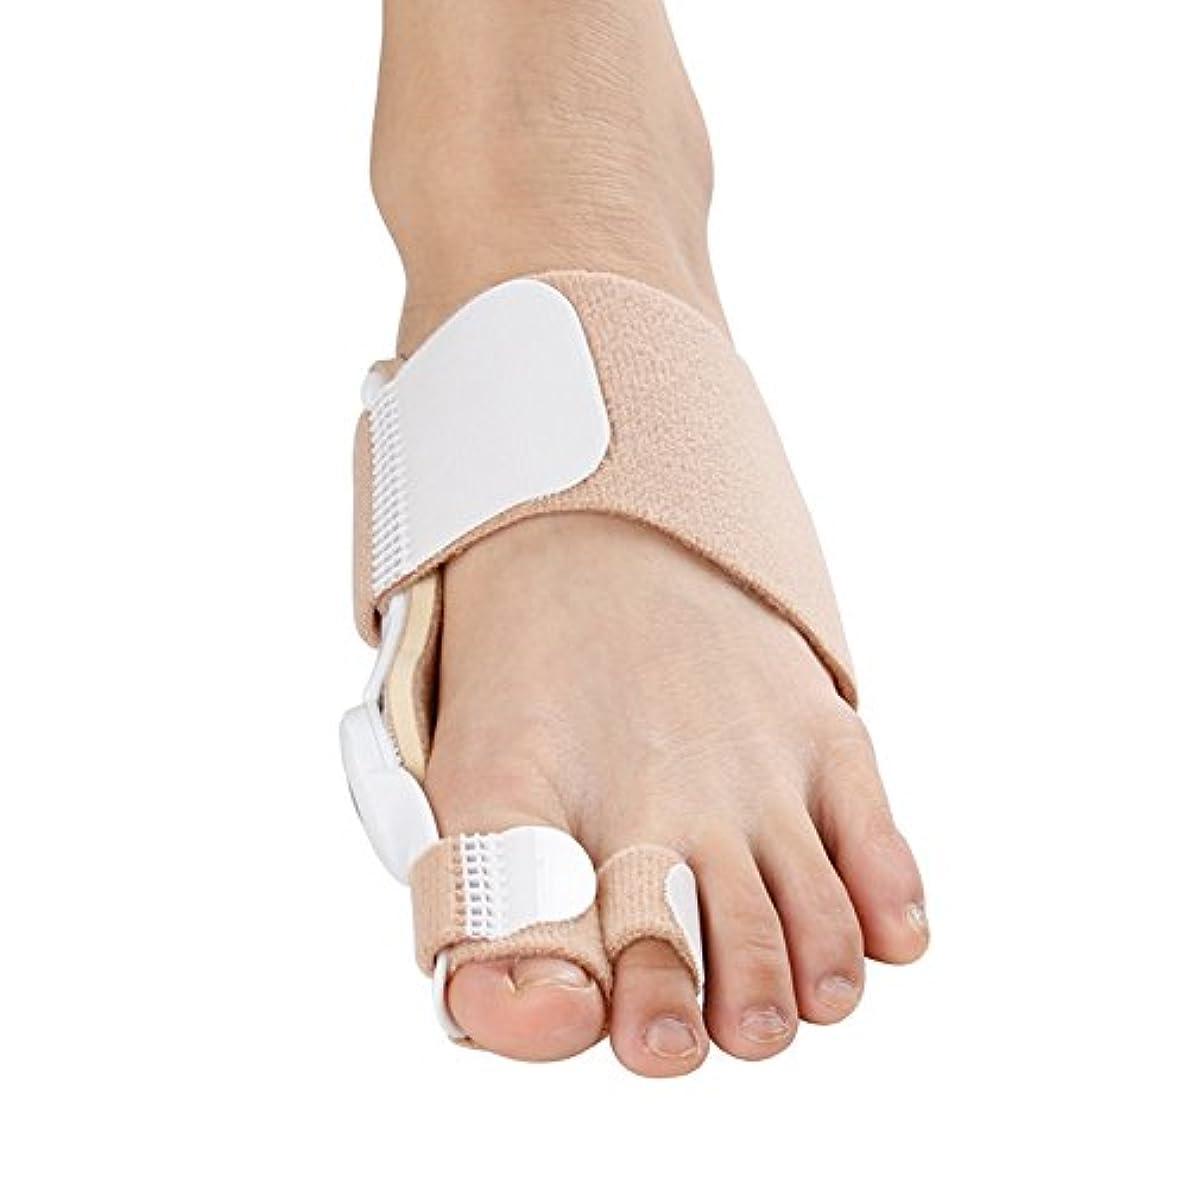 薬を飲むユーモラス特異な1組のつま先の分離帯の坐骨矯正装置最新の強化された外反母趾矯正整形つま先痛み足のケア